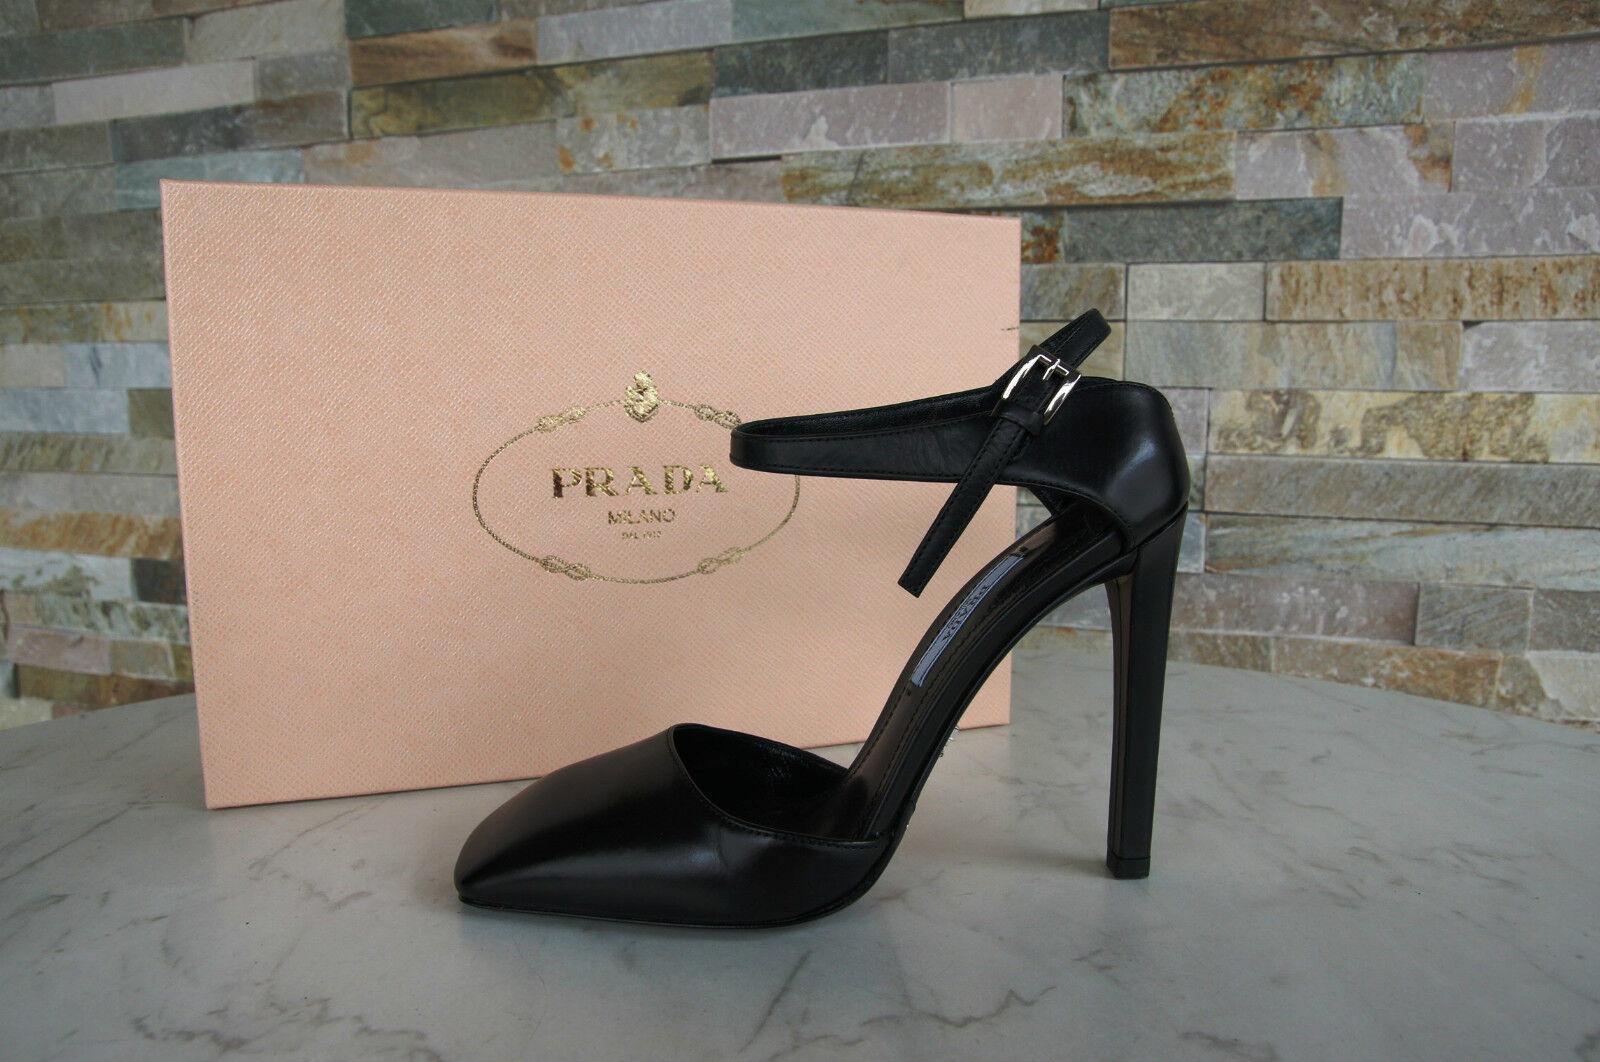 Prada Sling Pumps Sz. 40 Court shoes Slingbacks shoes Black New Previously